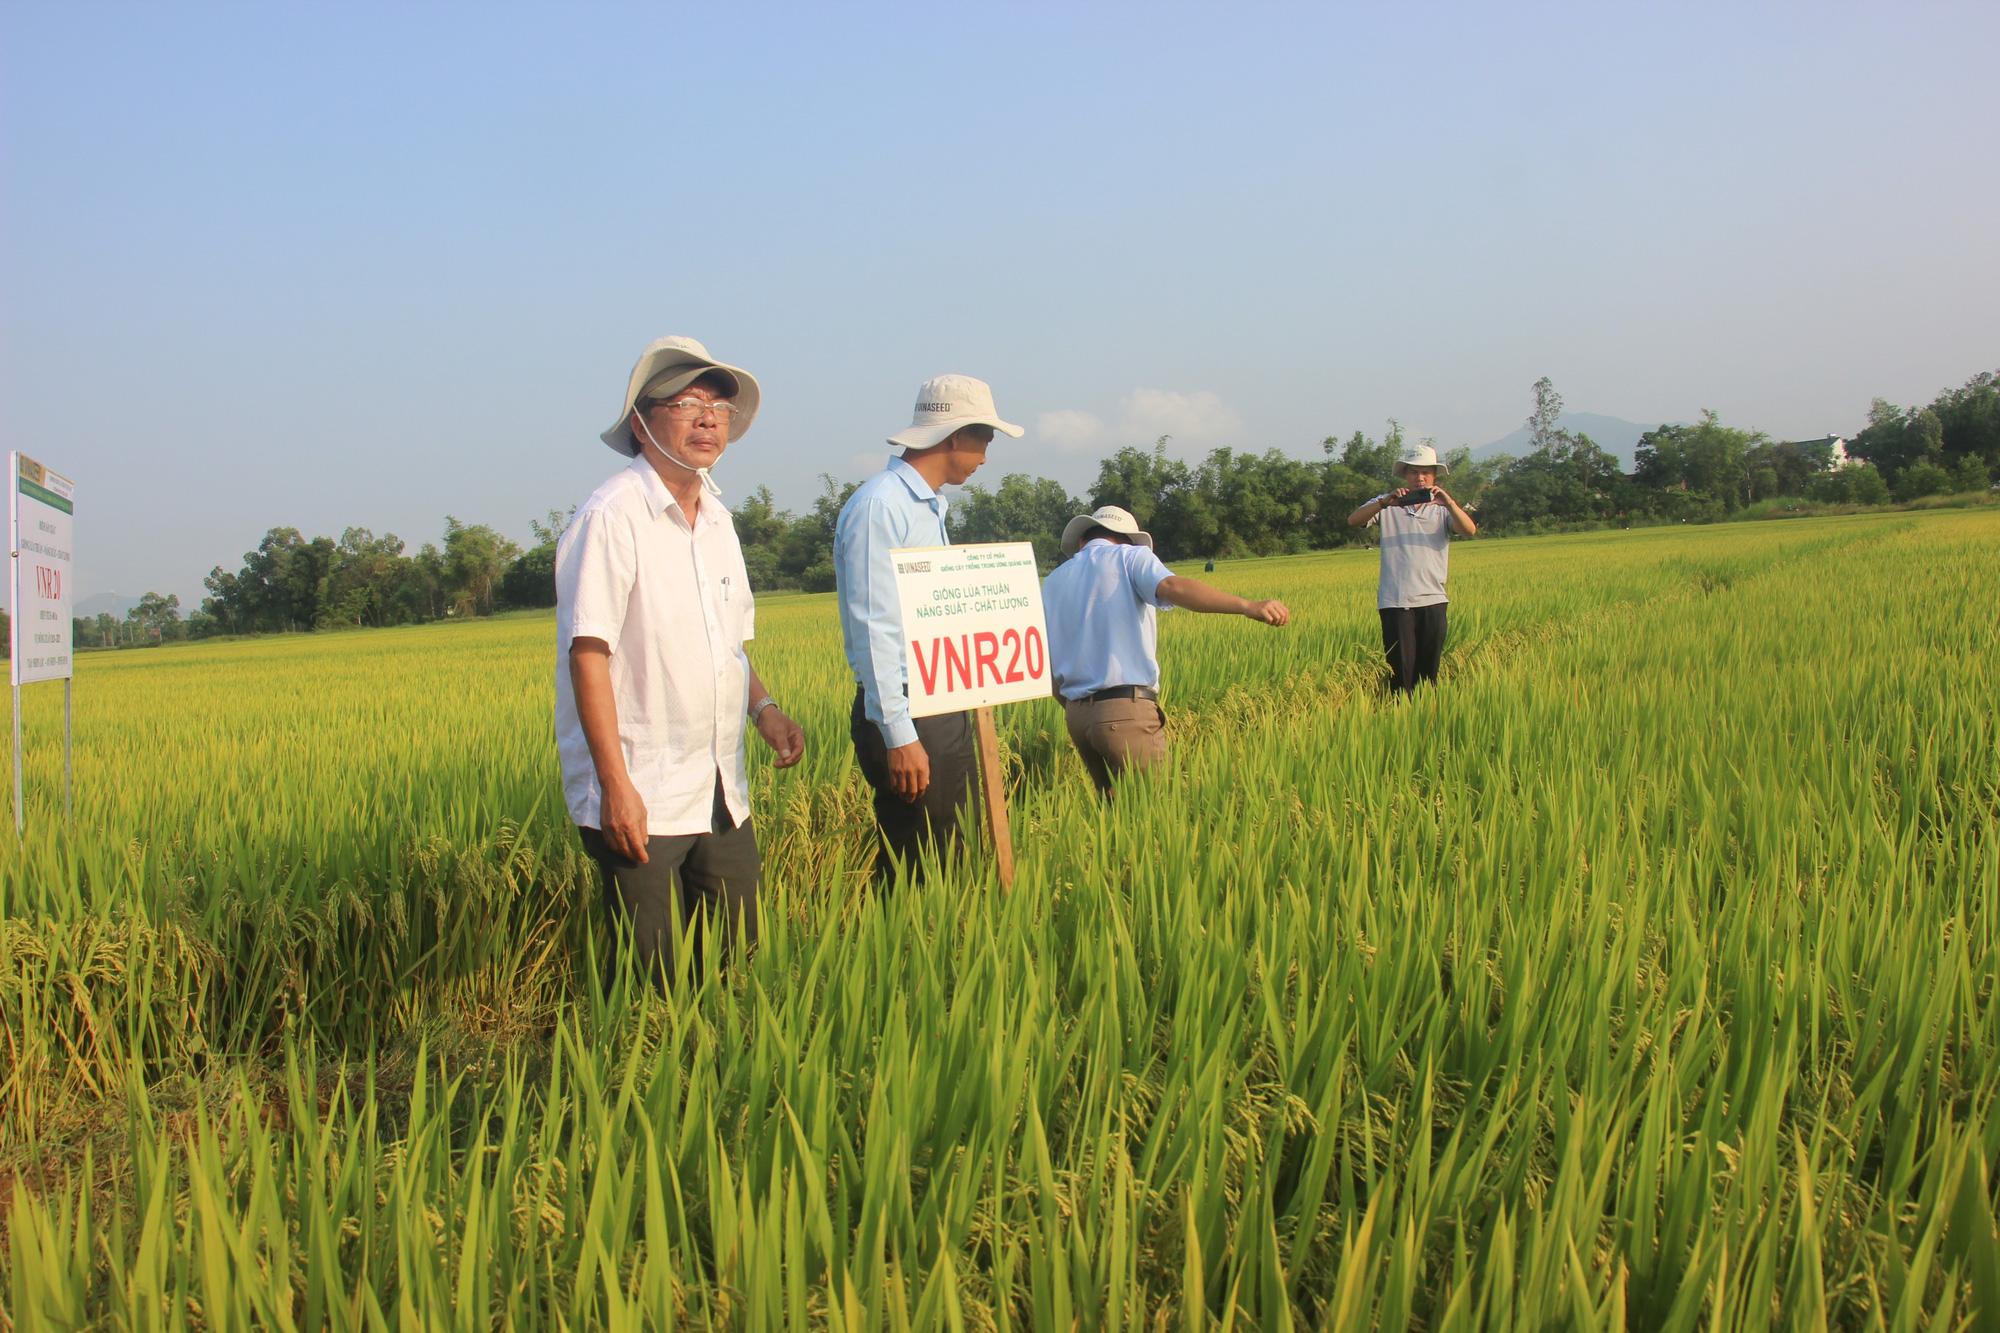 Ngỡ ngàng loạt giống lúa siêu năng suất, chống chịu sâu bệnh trên cánh đồng Bình Định, có giống đạt đến 90 tạ/ha  - Ảnh 2.